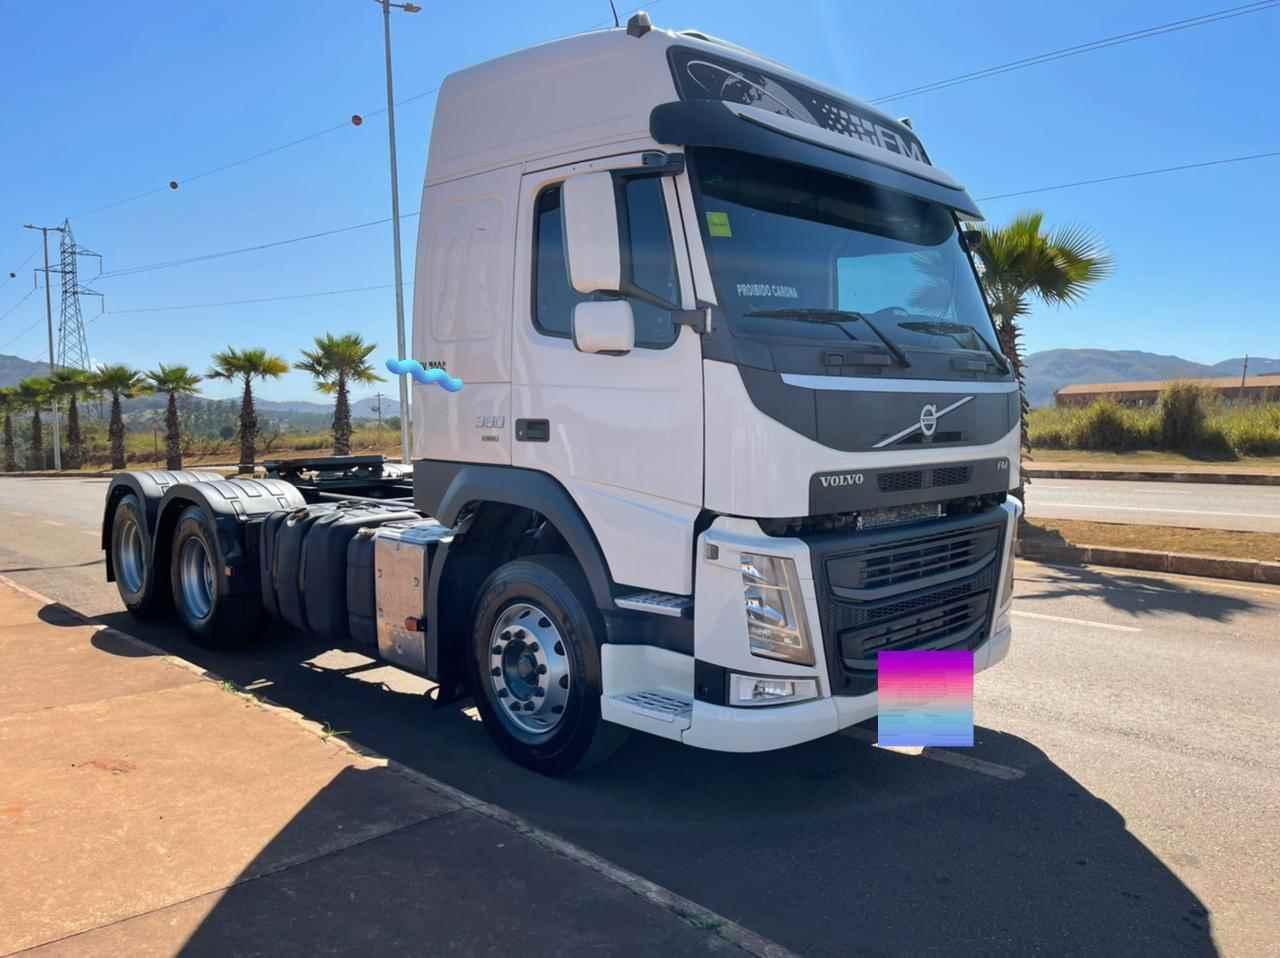 CAMINHAO VOLVO VOLVO FM 380 Cavalo Mecânico Truck 6x2 Caminhões Certos CONTAGEM MINAS GERAIS MG